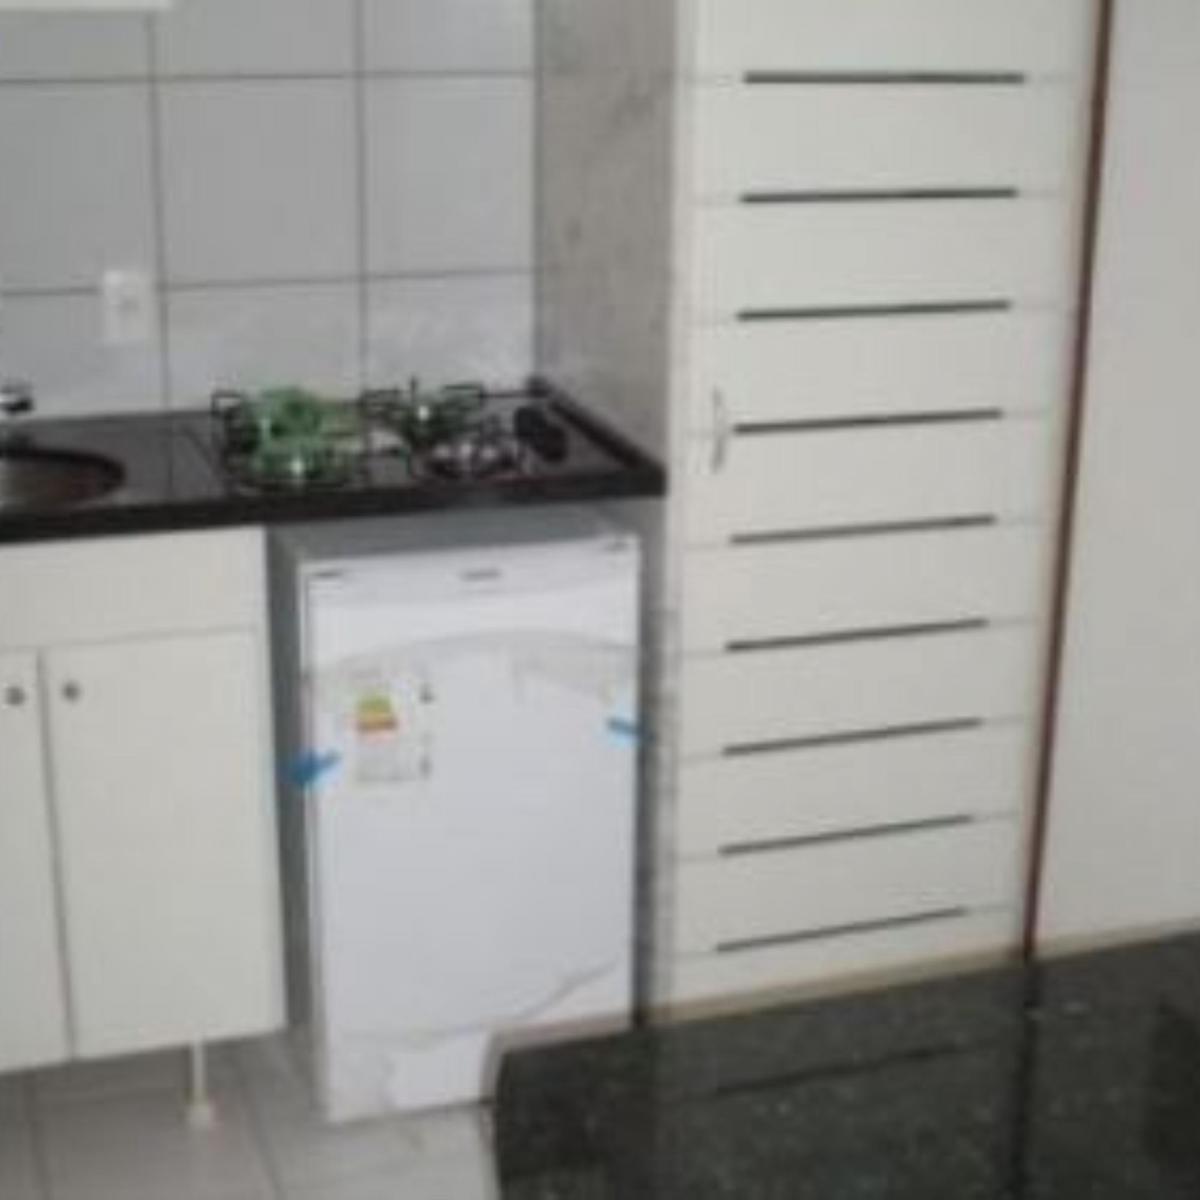 Imagens de #5A4D47 Apartamento para aluguel com 1 Quarto Asa Norte Brasília R$ 810  1200x1200 px 3560 Blindex Banheiro Asa Norte